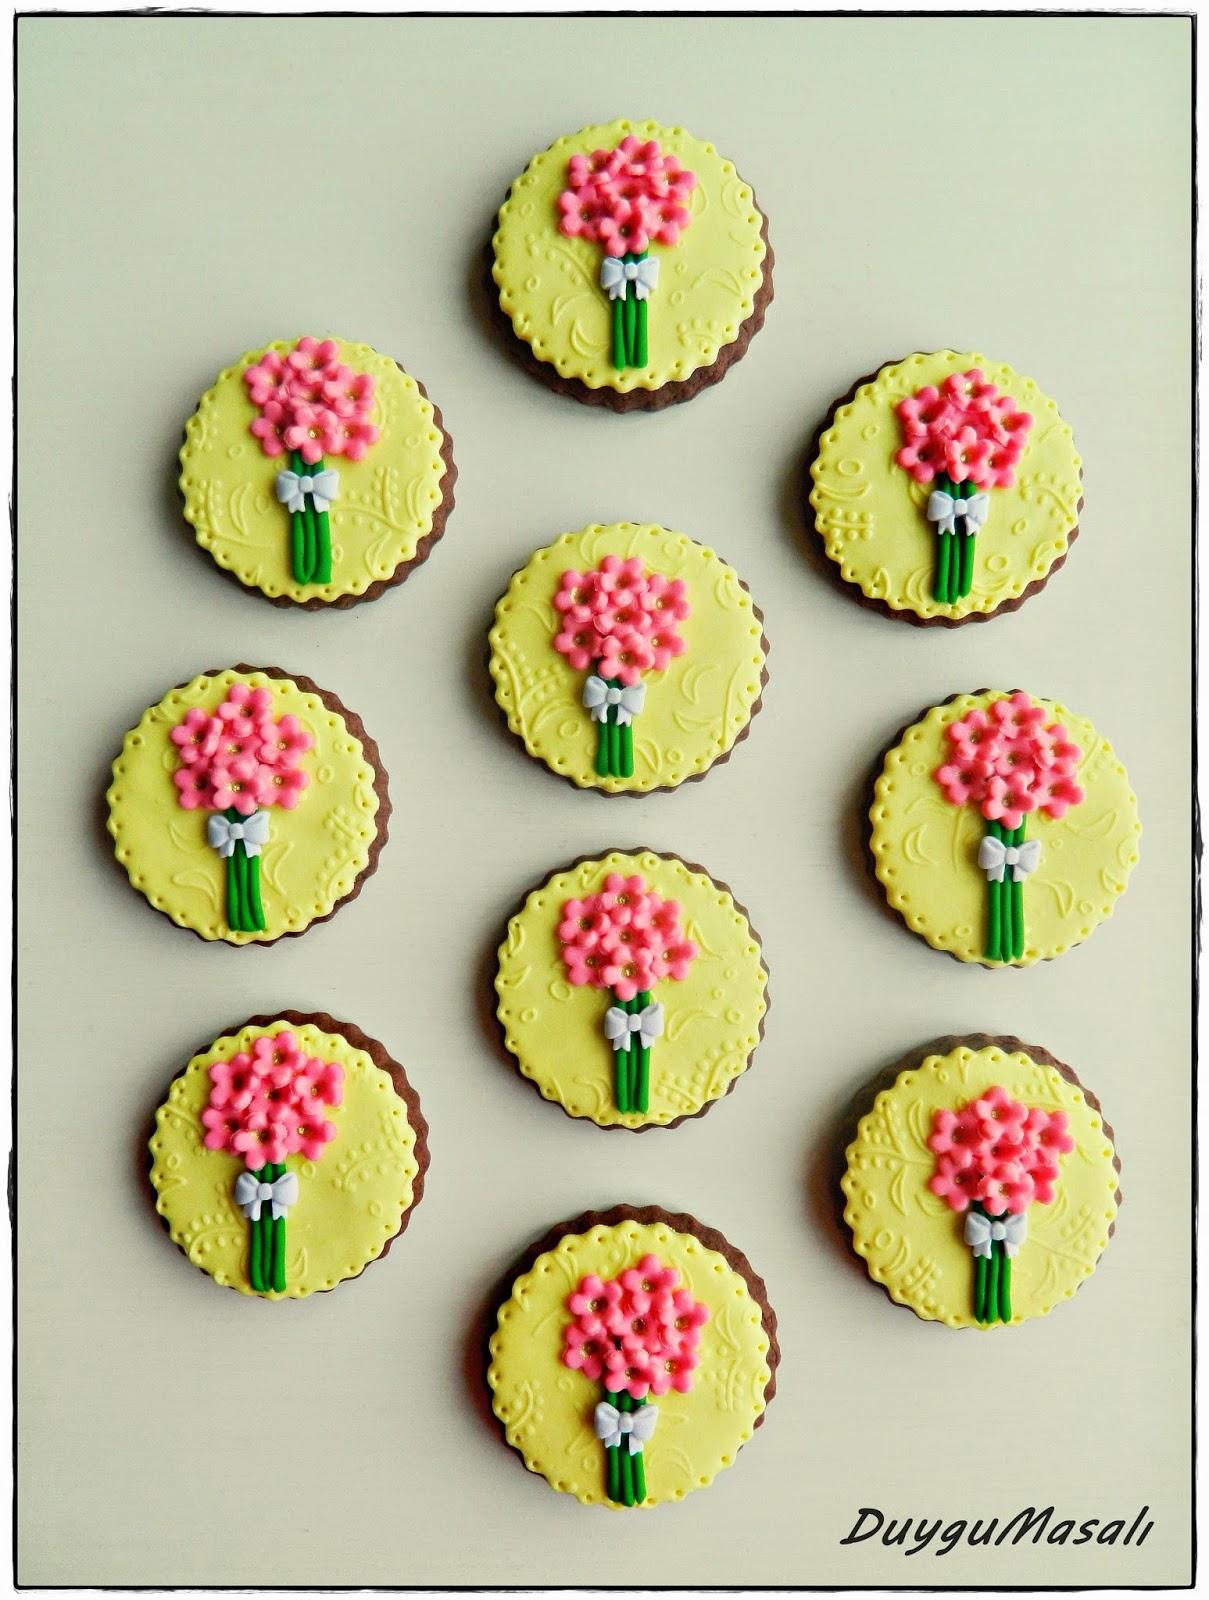 edirne çiçek butik kurabiye